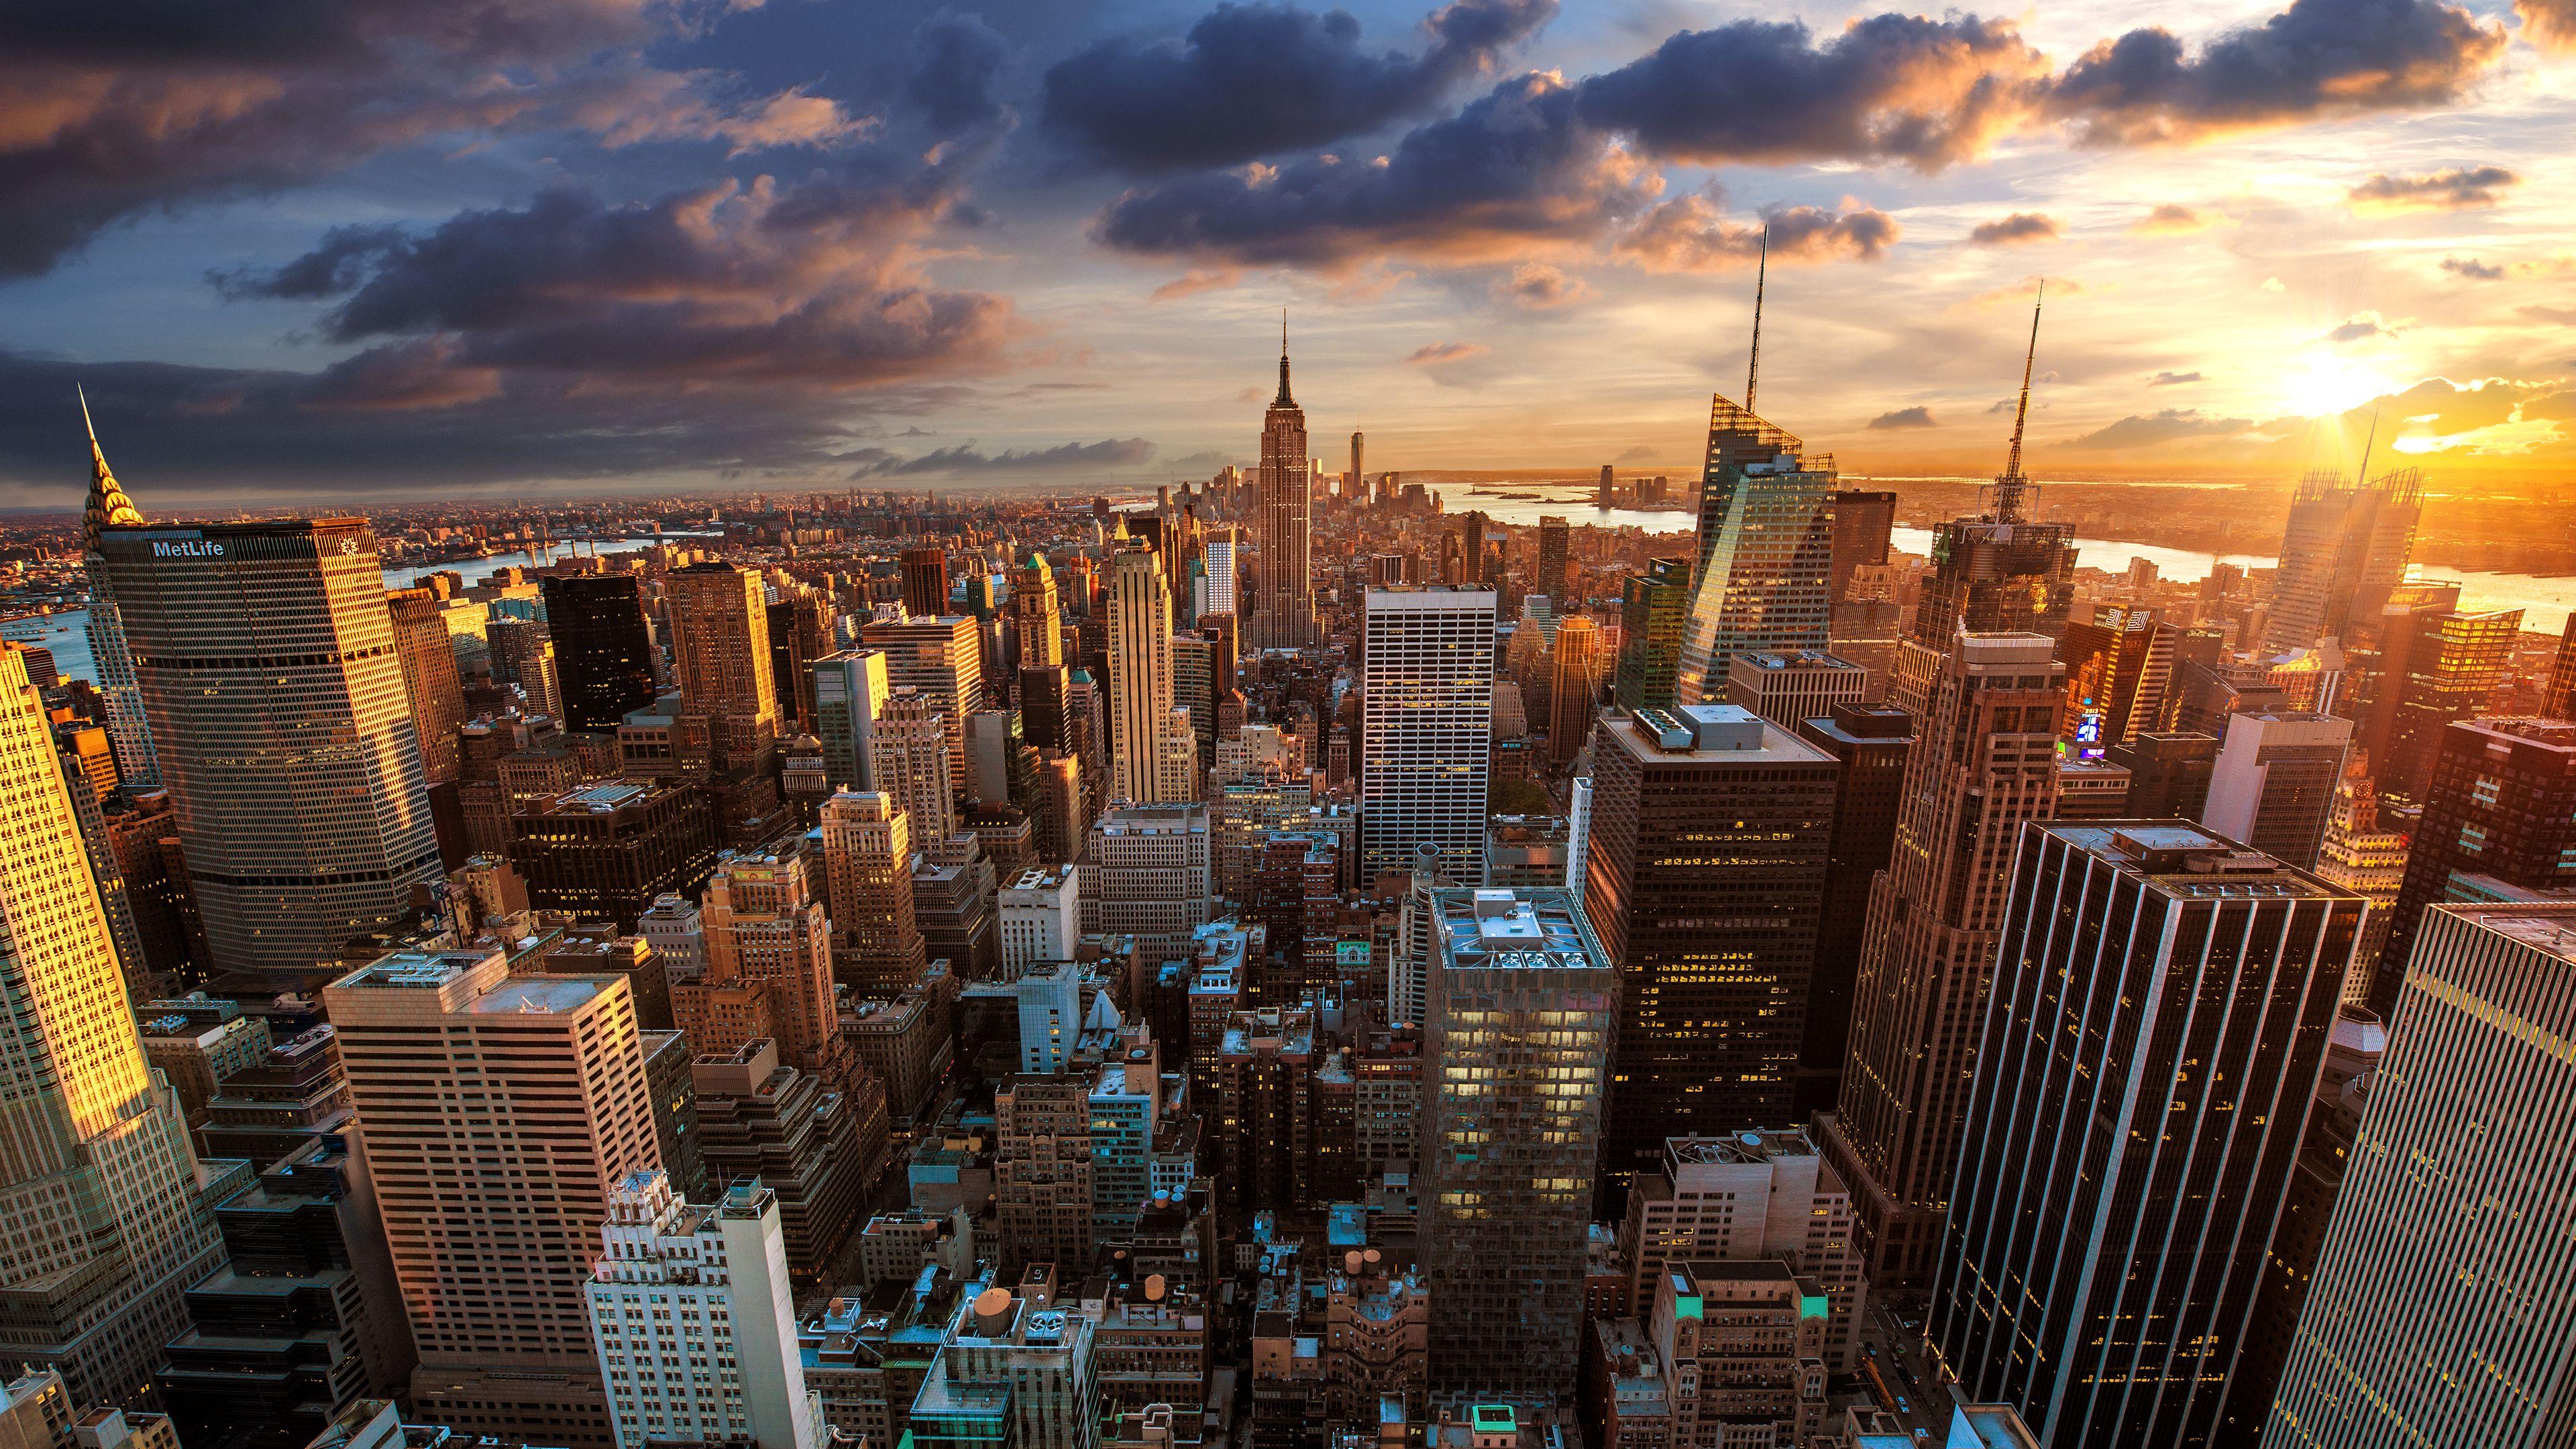 4k High Definition Wallpaper 3840 2160 Fondo De Pantalla De Nueva York Horizontes De La Ciudad Fondo De Pantalla De La Ciudad